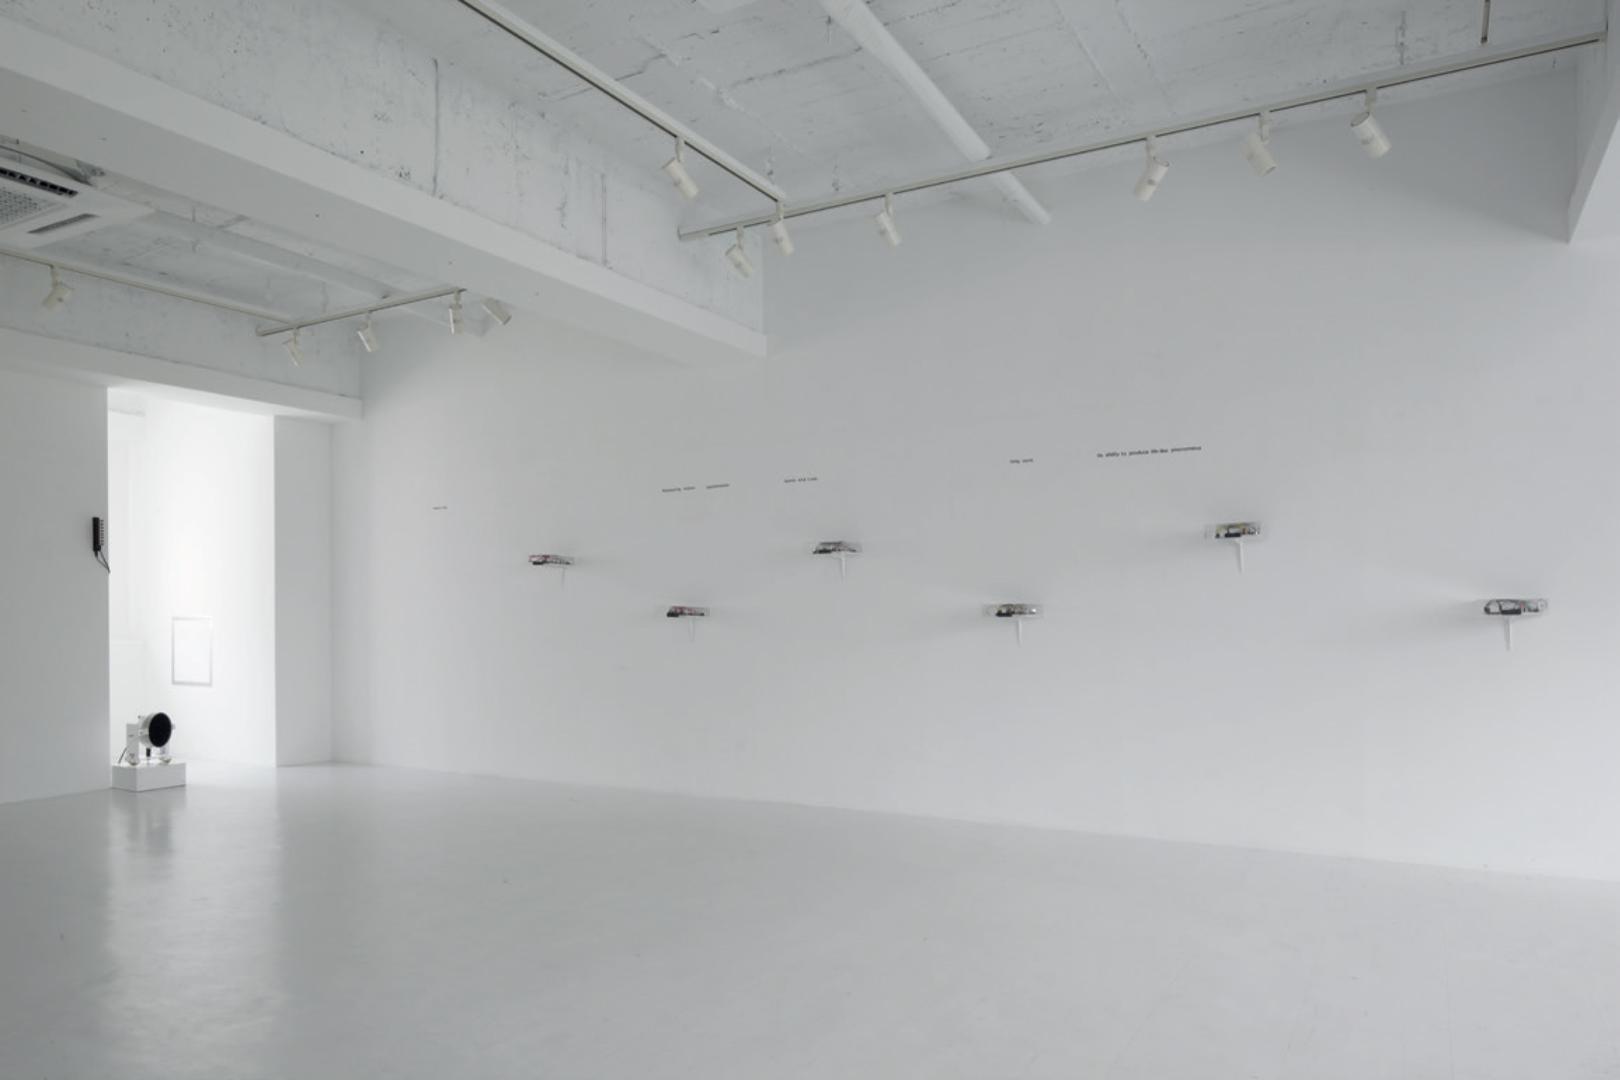 ©, Takashi Ikegami, Mizuki Oka, Norihiro Maruyama, Yu Watanabe, and Akihiko Matsumoto, Sensing the Sound Web